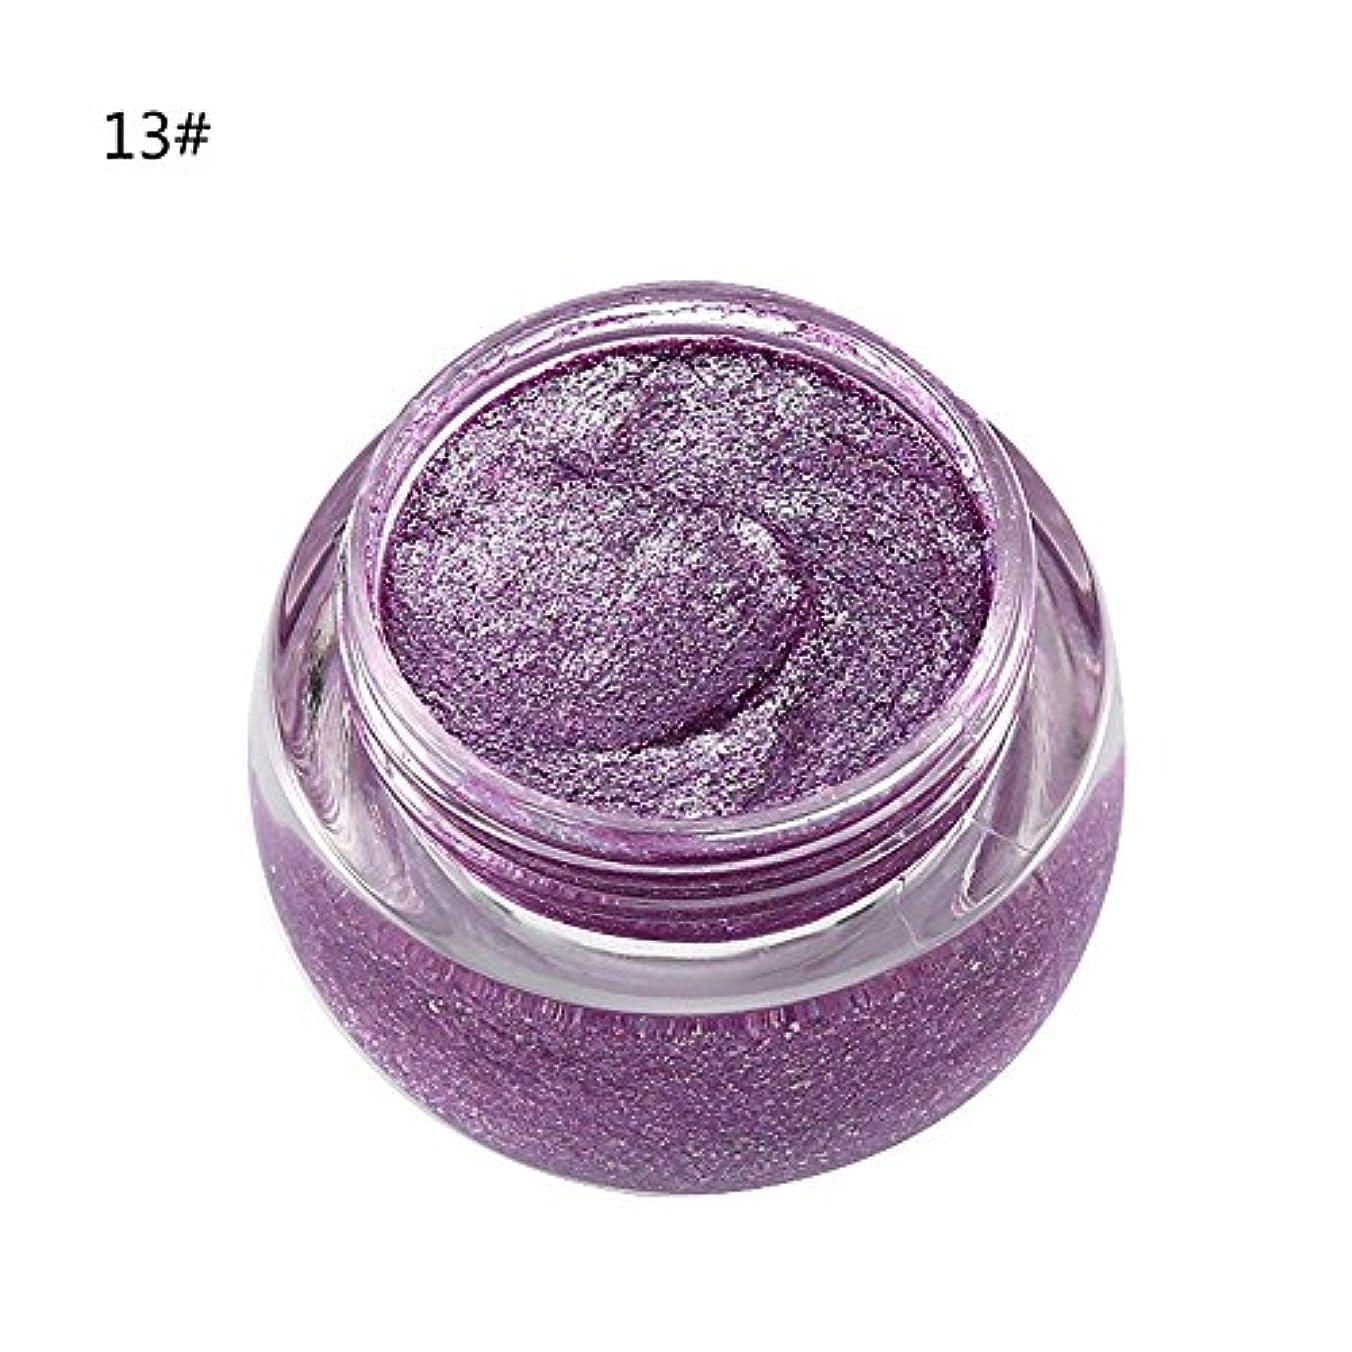 神オンス化学薬品アイシャドウ 単色 化粧品 光沢 保湿 キラキラ 美しい タイプ 13